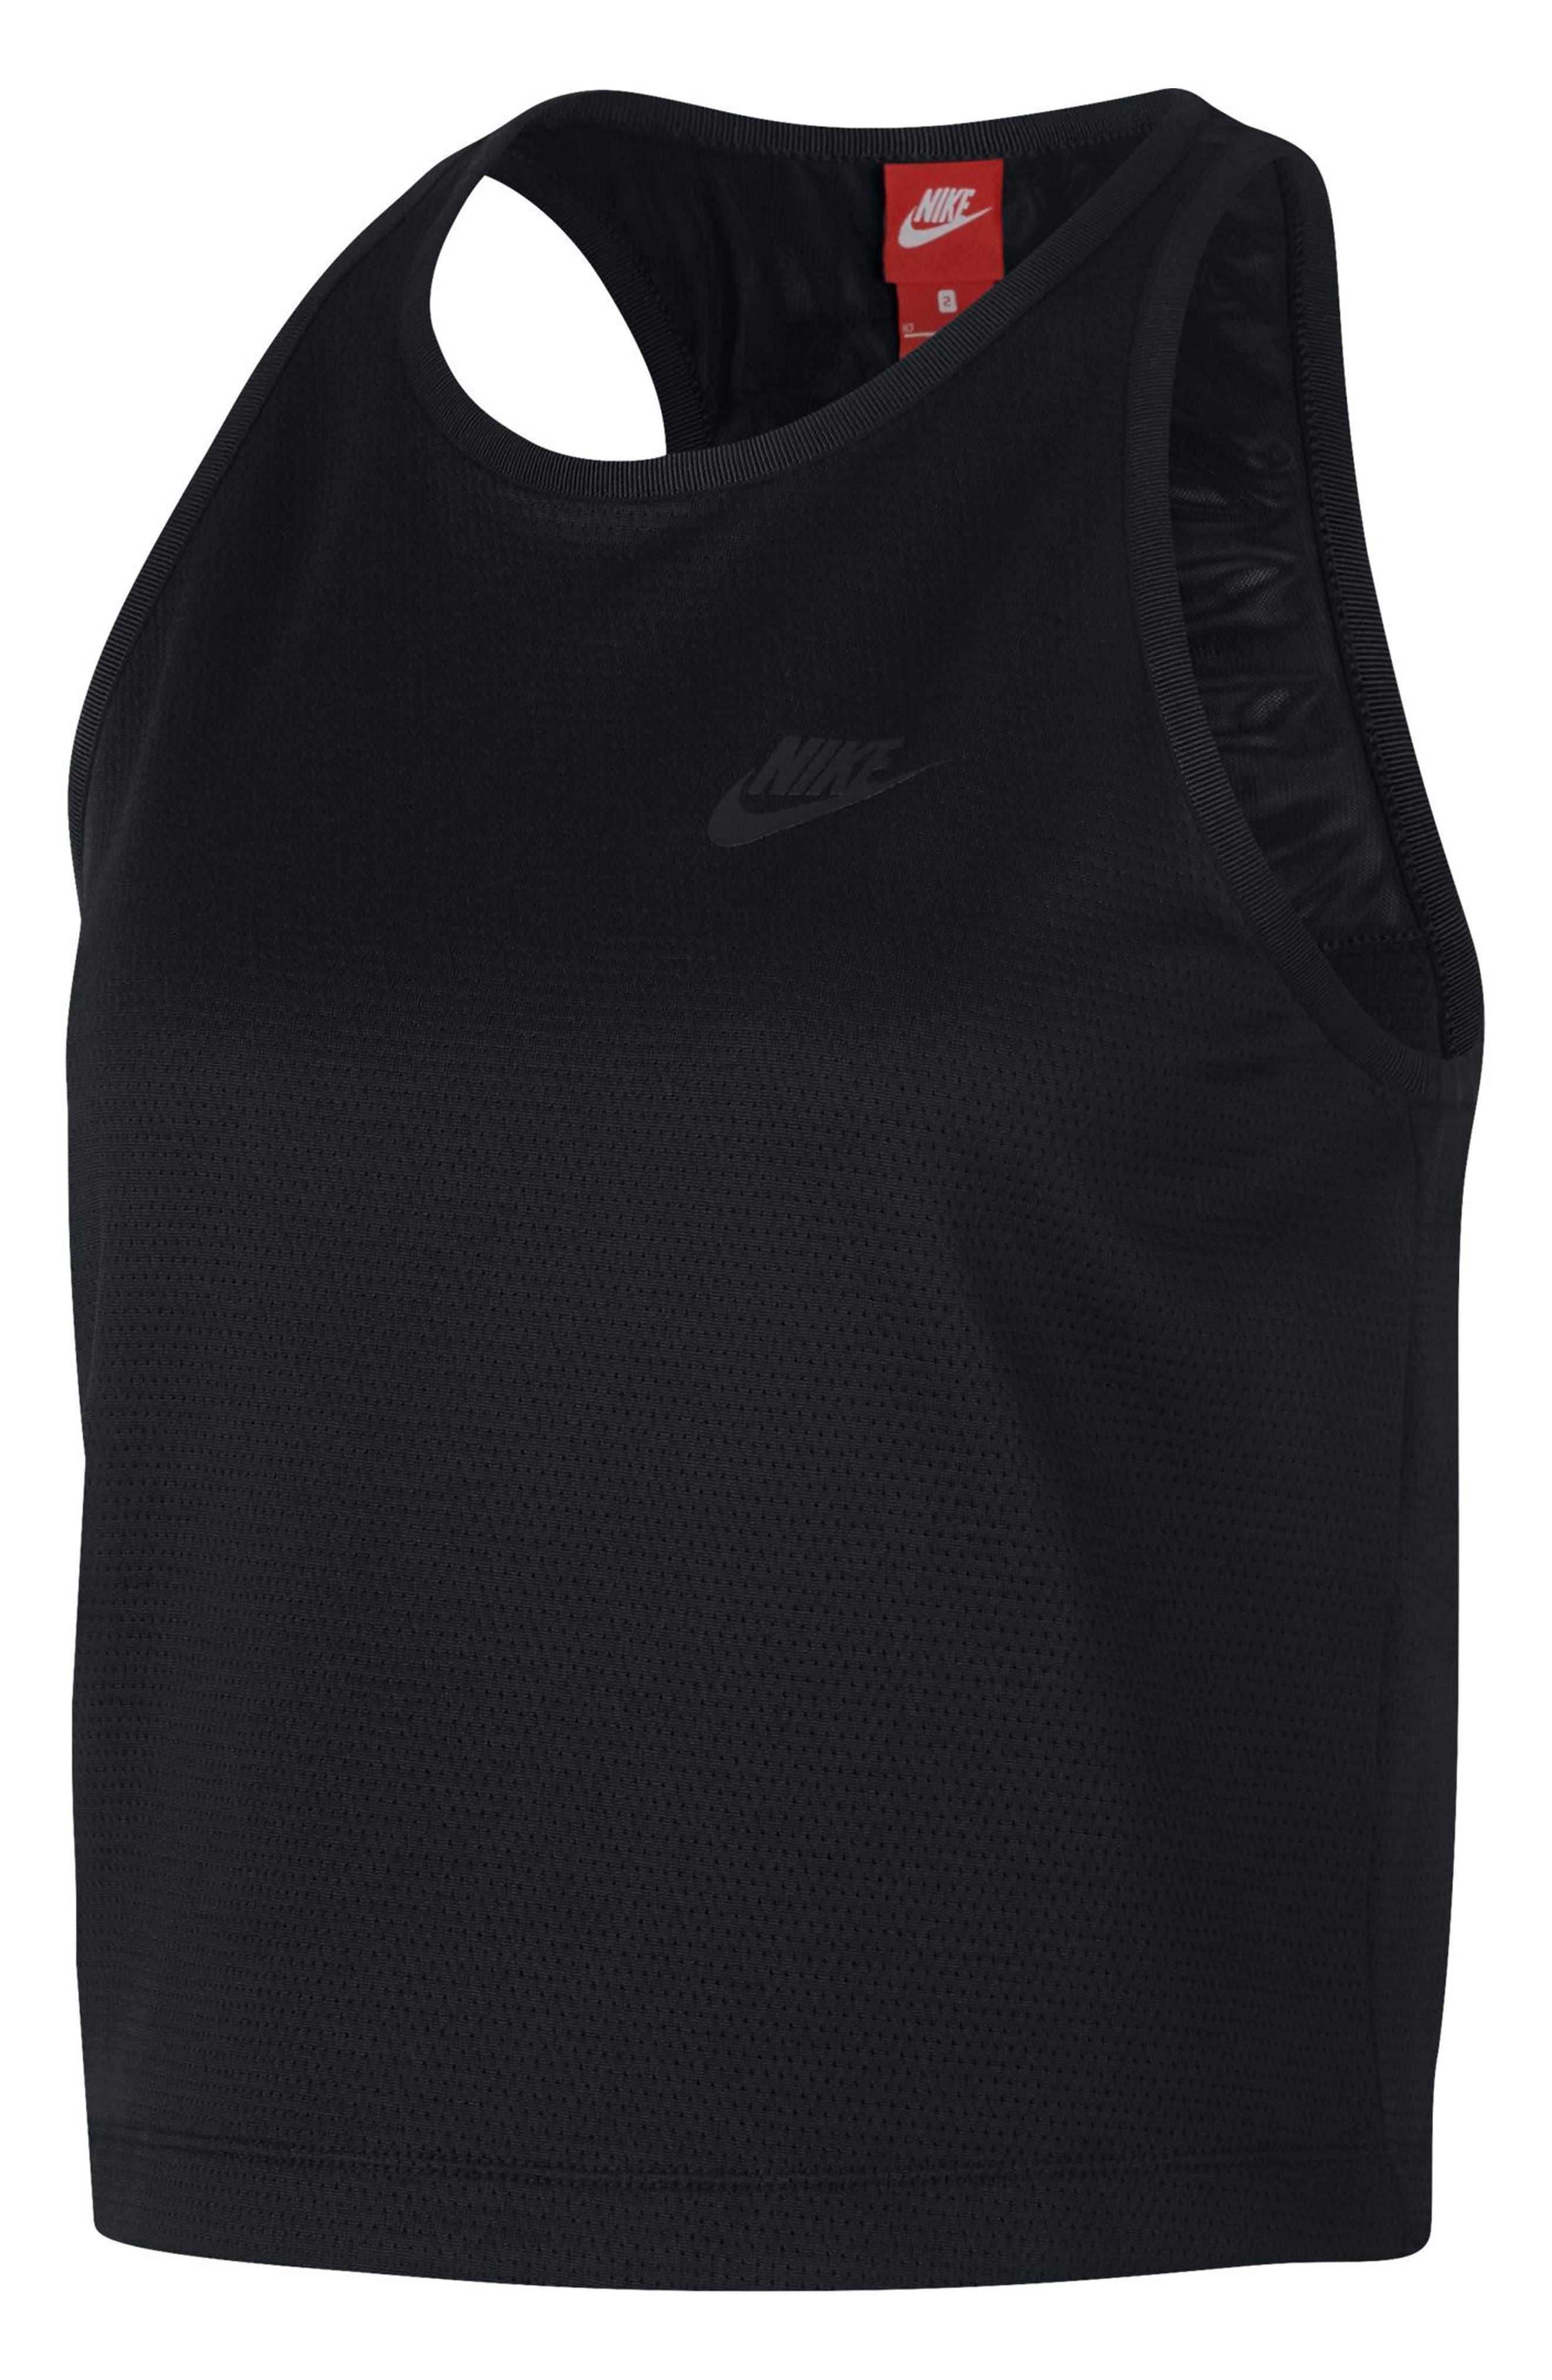 Sportswear Tech Fleece Women's Crop Tank,                             Main thumbnail 1, color,                             Black/ Black